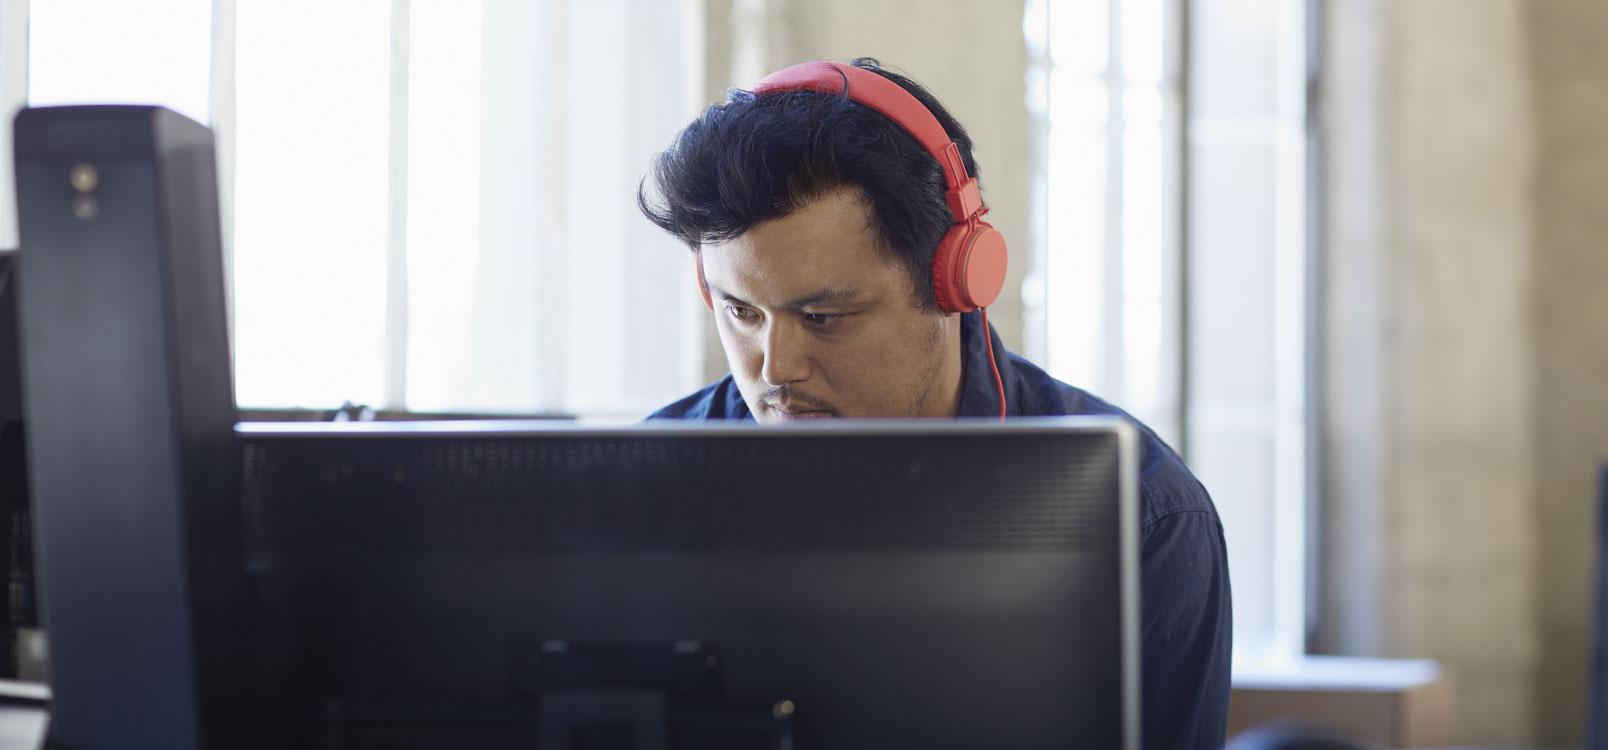 Moški s slušalkami uporablja namizni računalnik s storitvijo Office 365 za poenostavitev IT-ja.